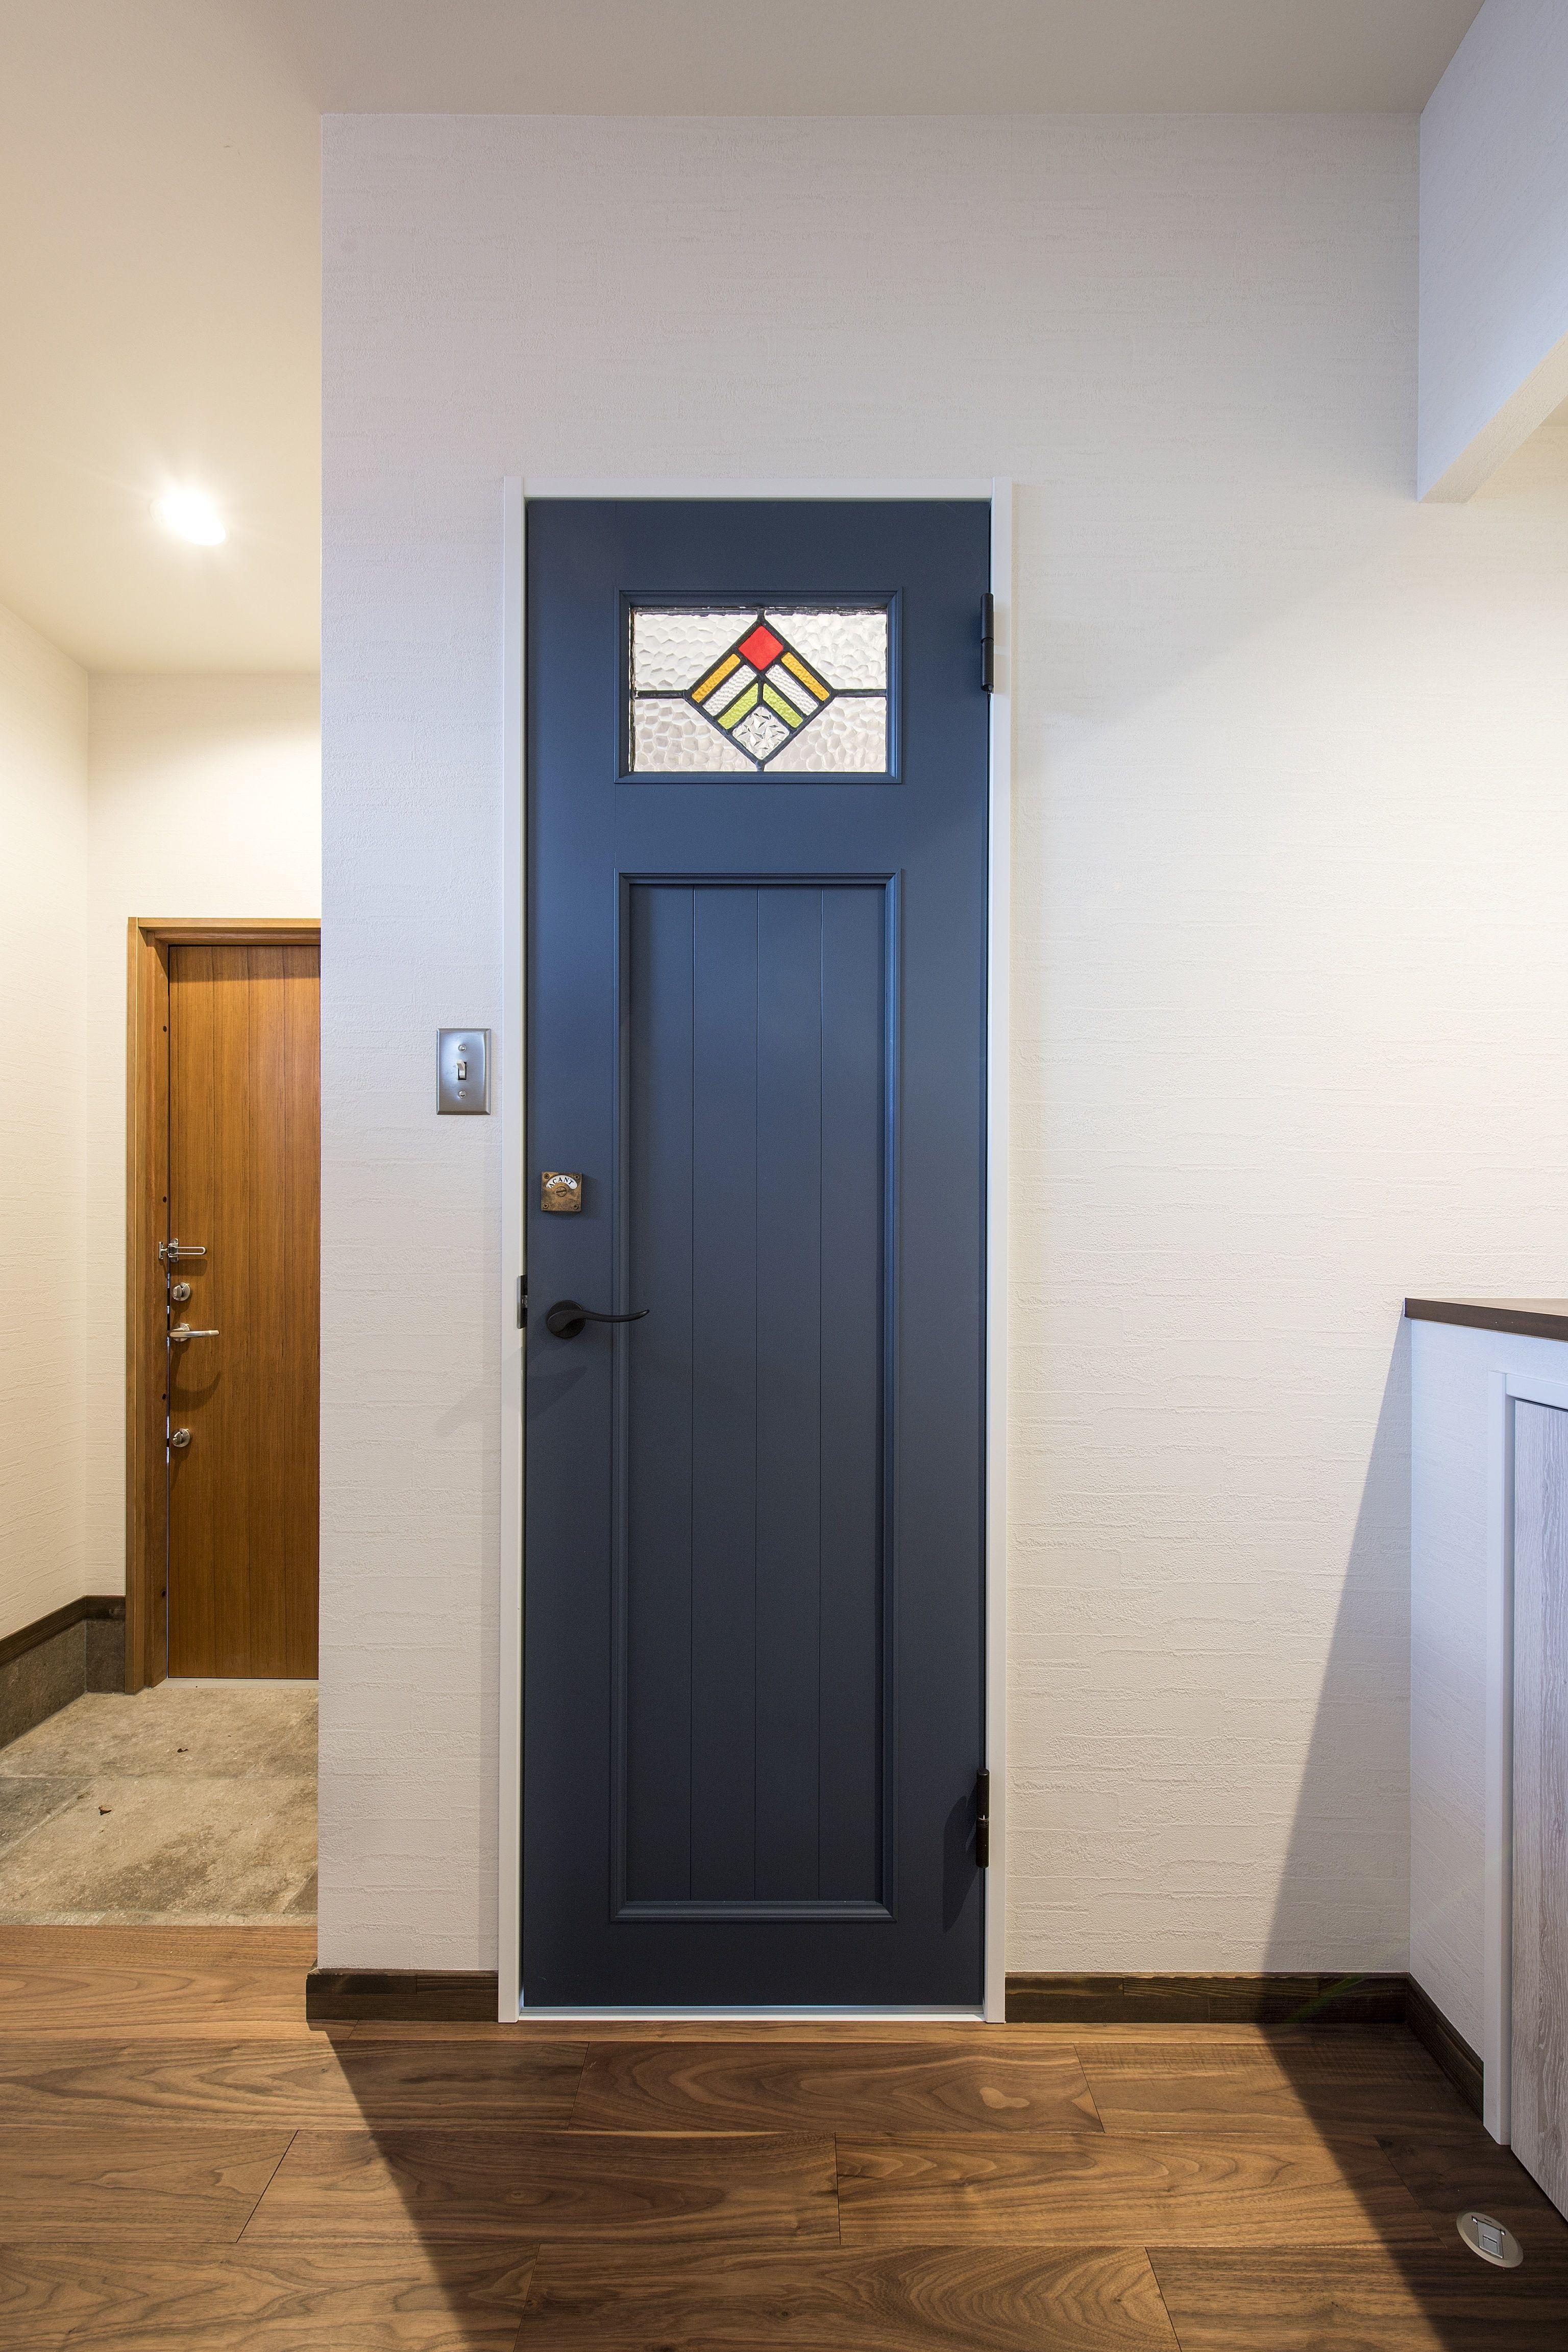 ブルックリンテイスト スタジオのある家 注文住宅の事例写真